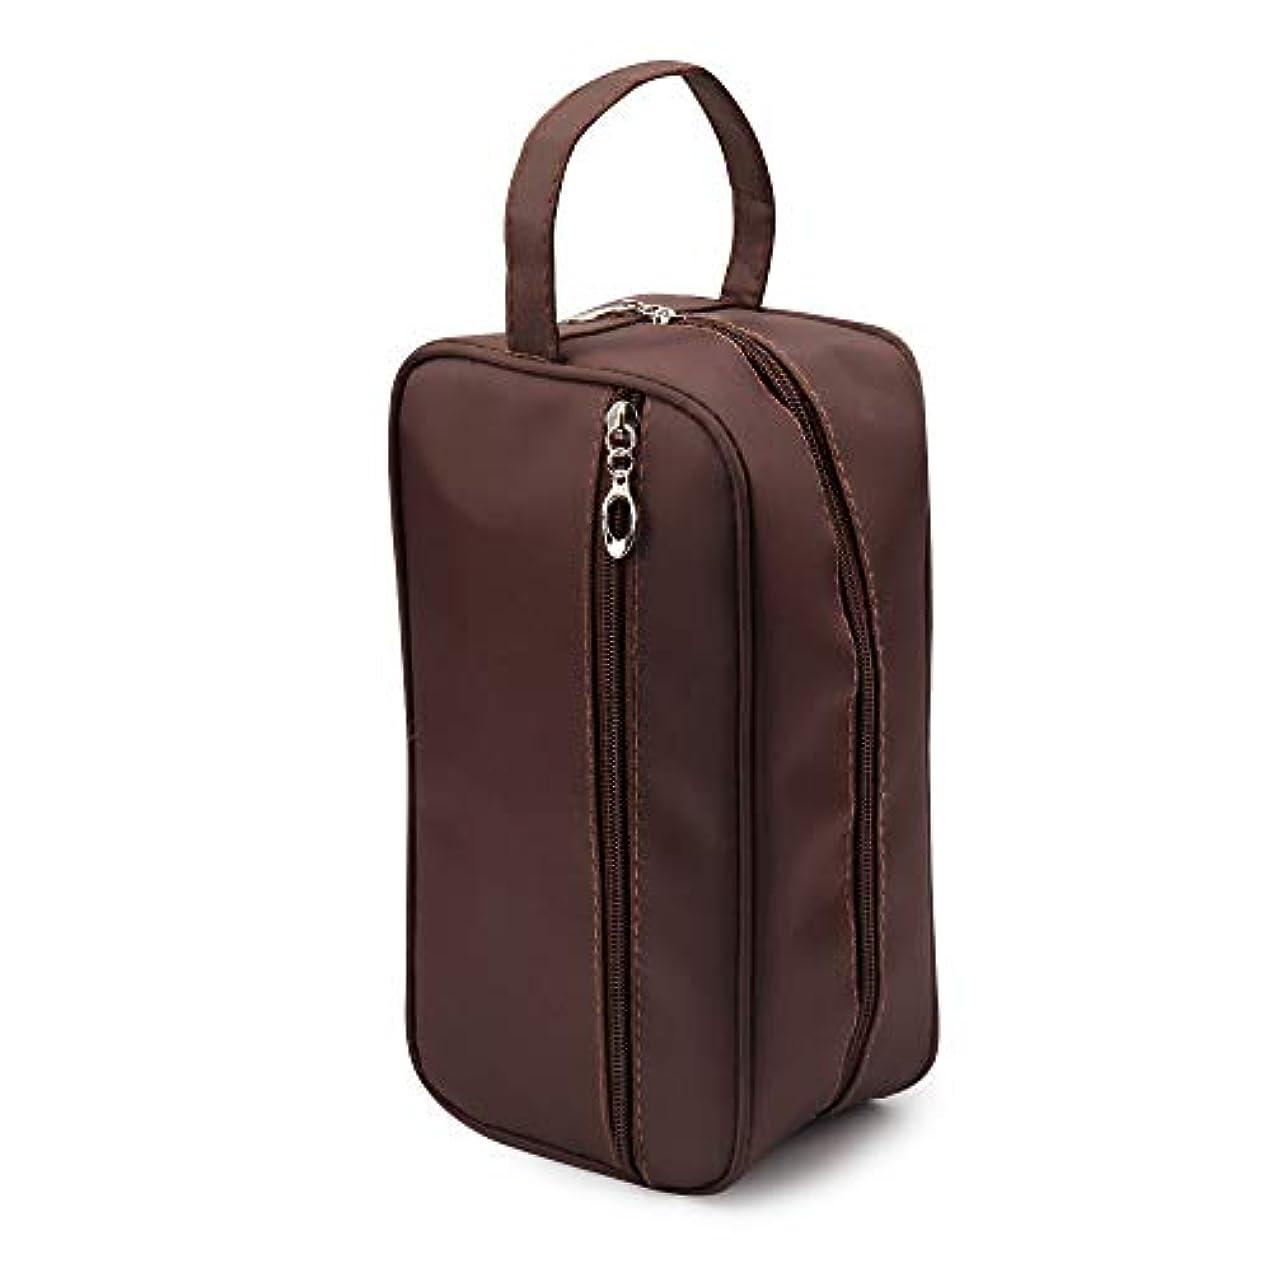 三角雑種タンク新しい女性と男性大防水化粧バッグナイロン旅行化粧品バッグオーガナイザーケース必要なメイクアップ洗面化粧品バッグ (Color : Brown)